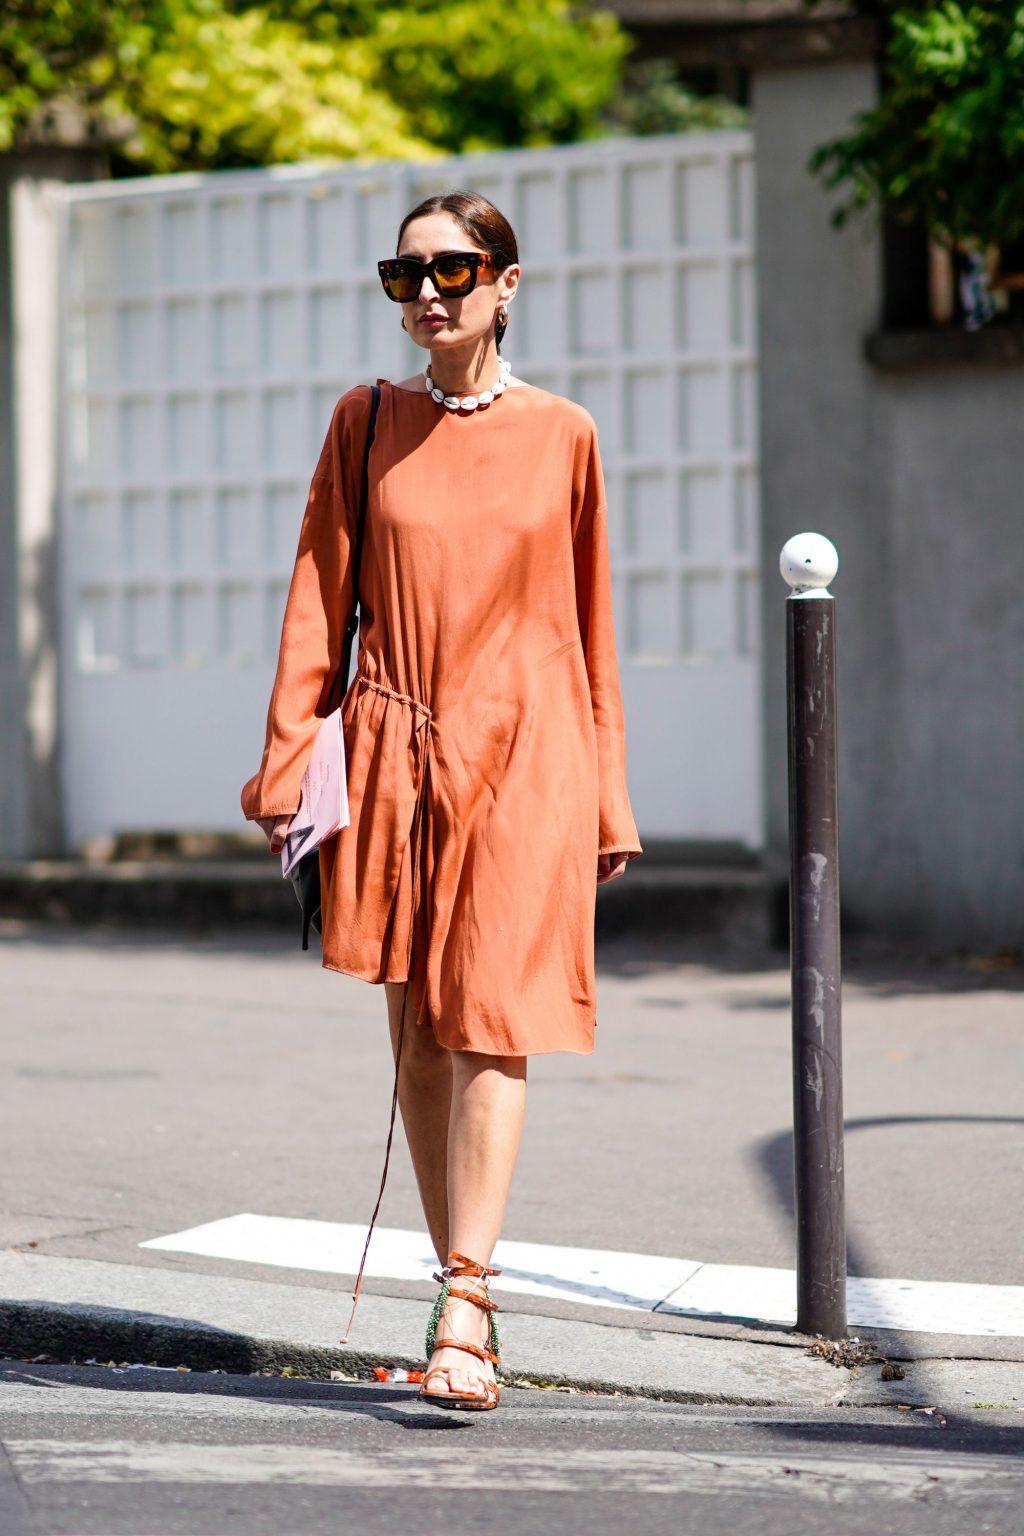 đầm màu cam đất và kính râm dạo phố